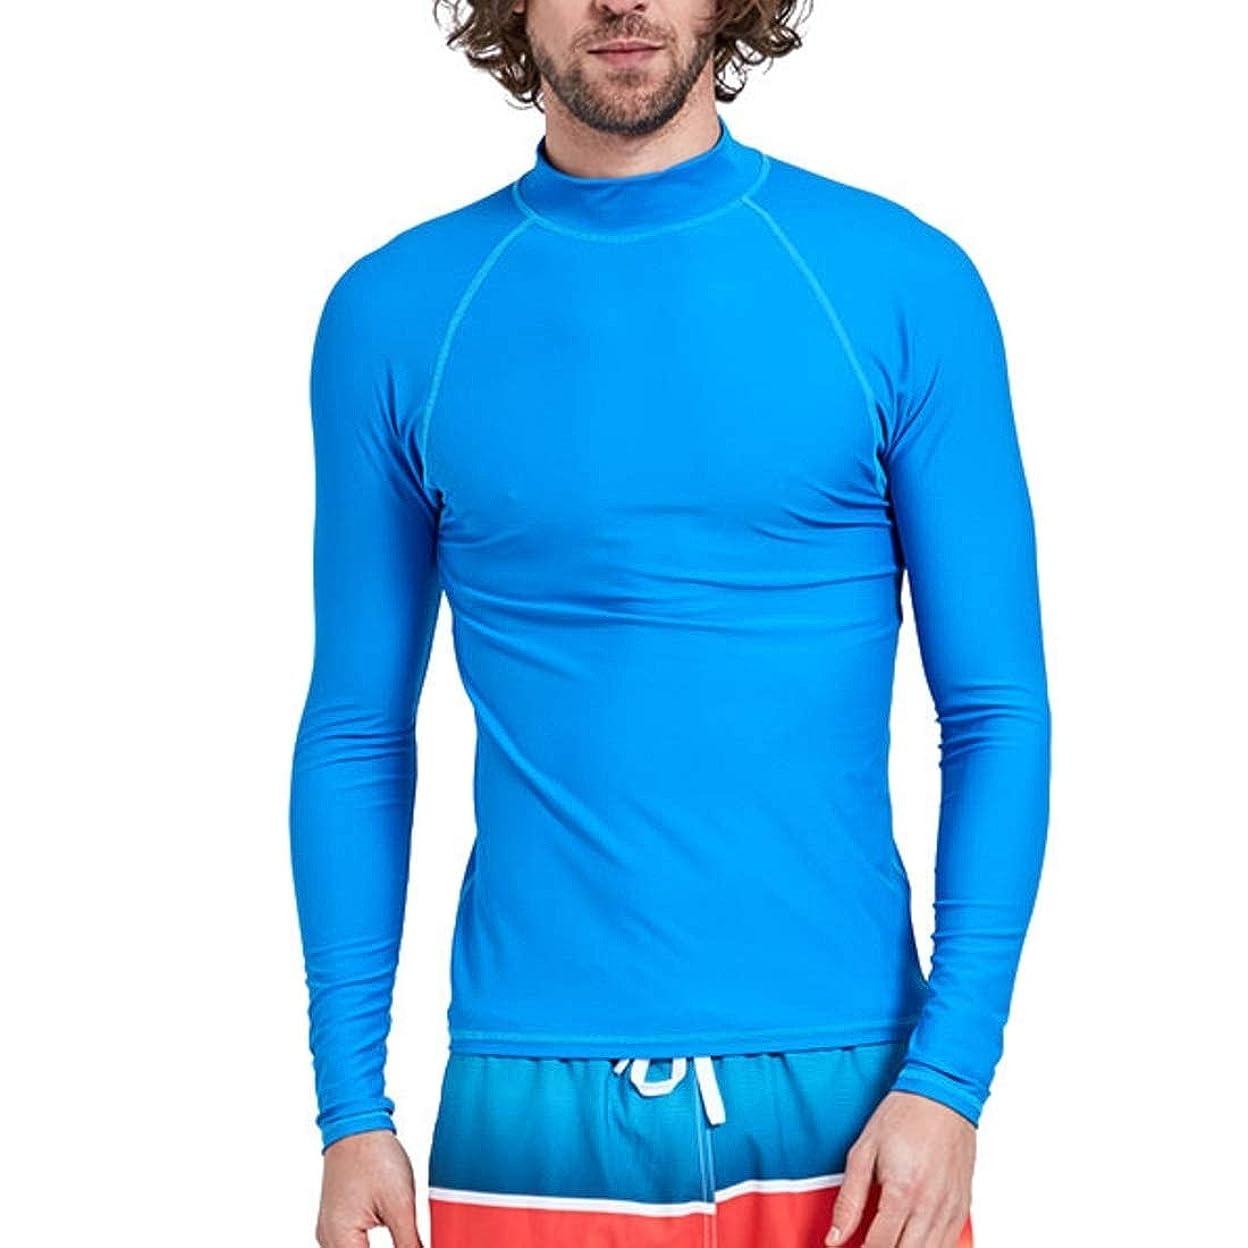 膨らみと闘うみぞれALEXBIAN ダイビングスーツ男性の大きなサイズのクラゲ服シュノーケリングスーツ分割日焼け止め速乾性大人の長袖の水着 (Size : XXXXL)